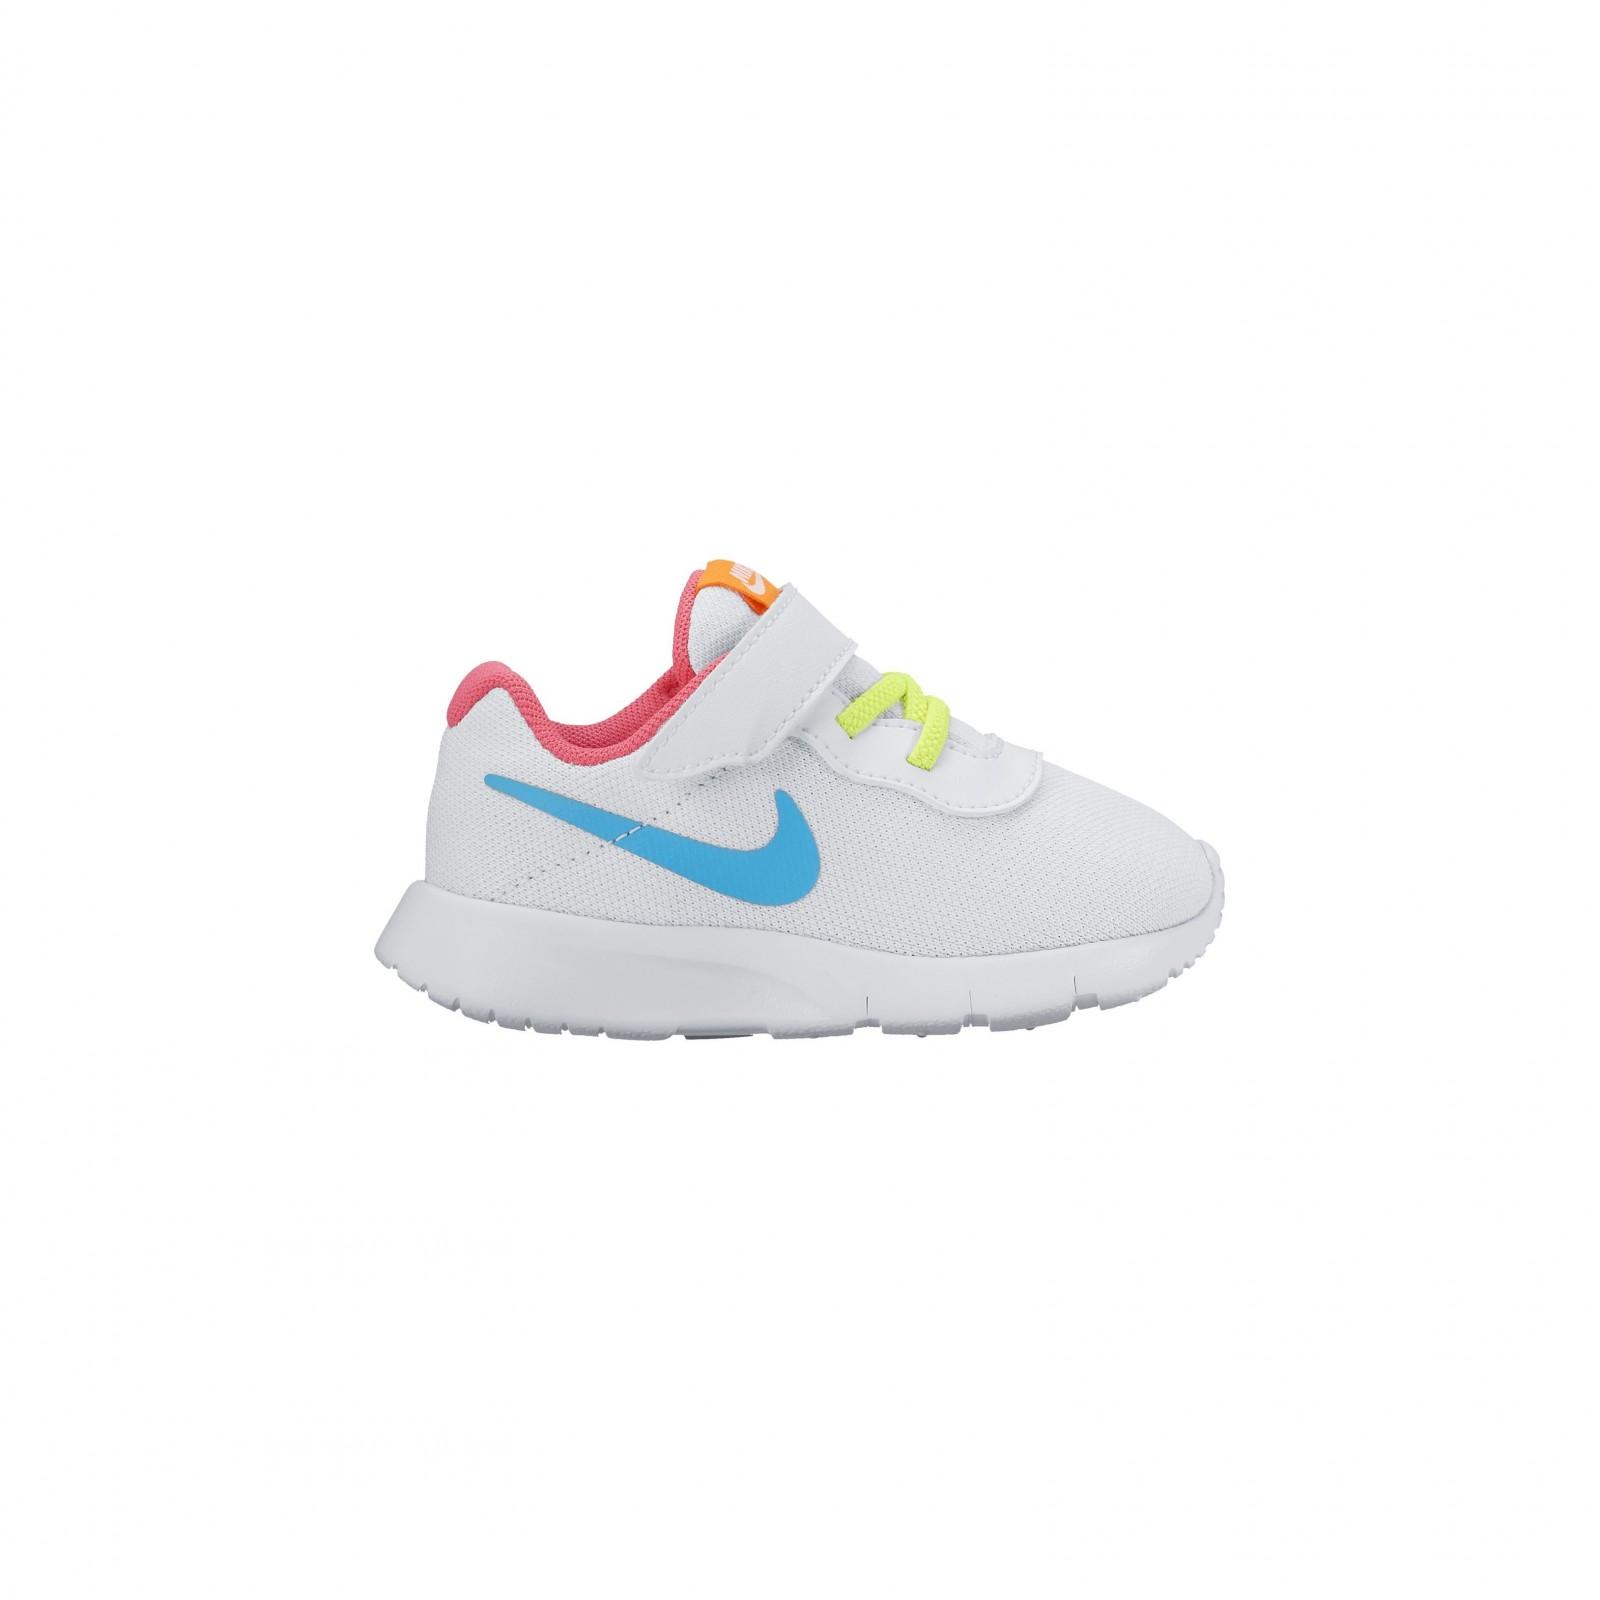 Dětské tenisky Nike TANJUN (TDV)  d9774a66e0